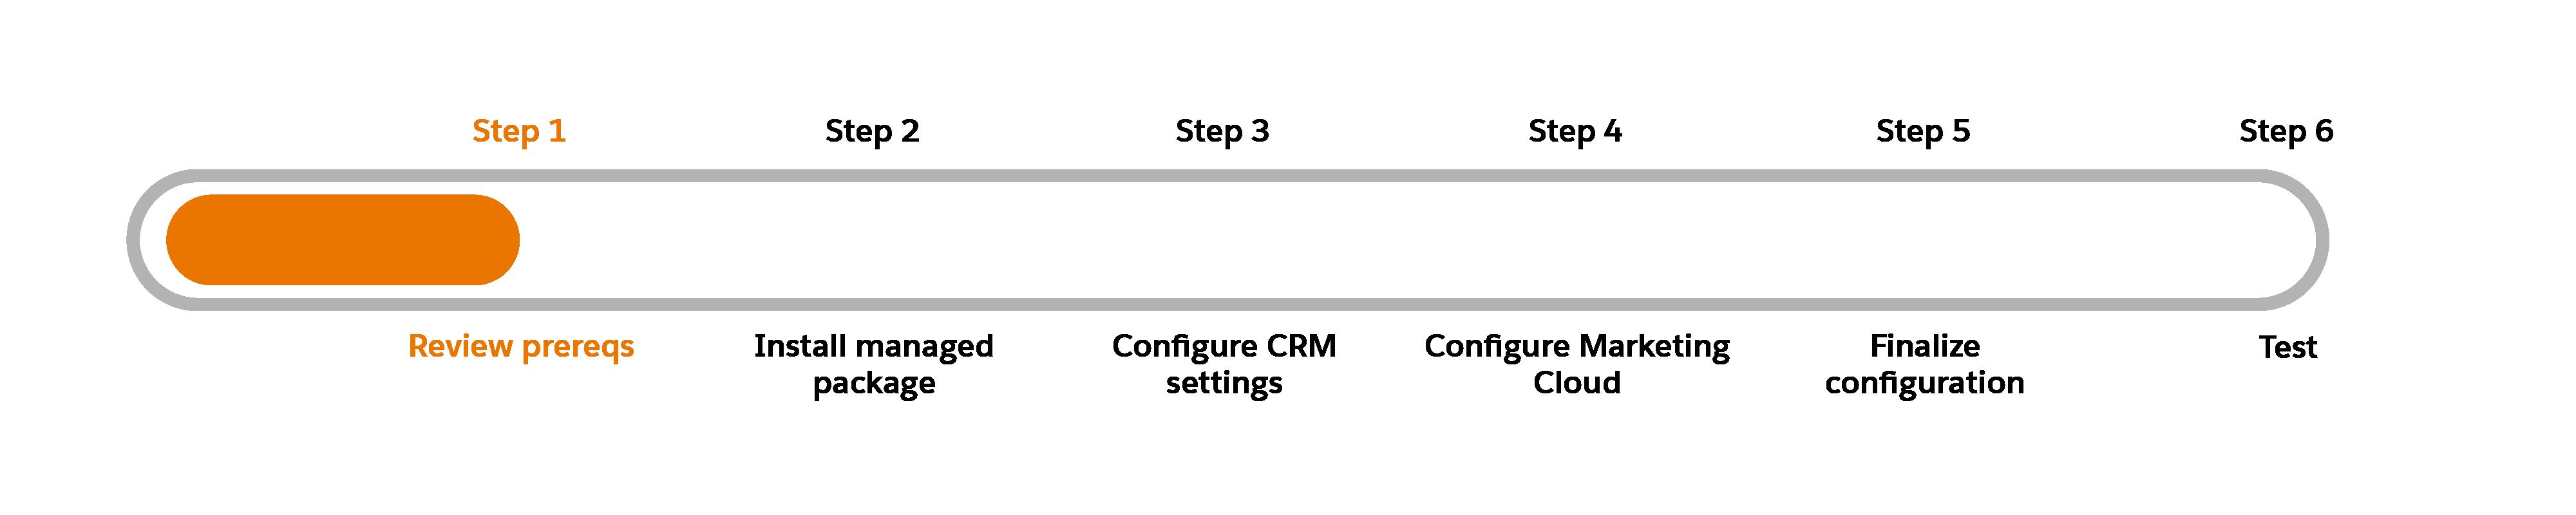 Schéma de progression avec l'étape1, Identification des prérequis, en surbrillance.